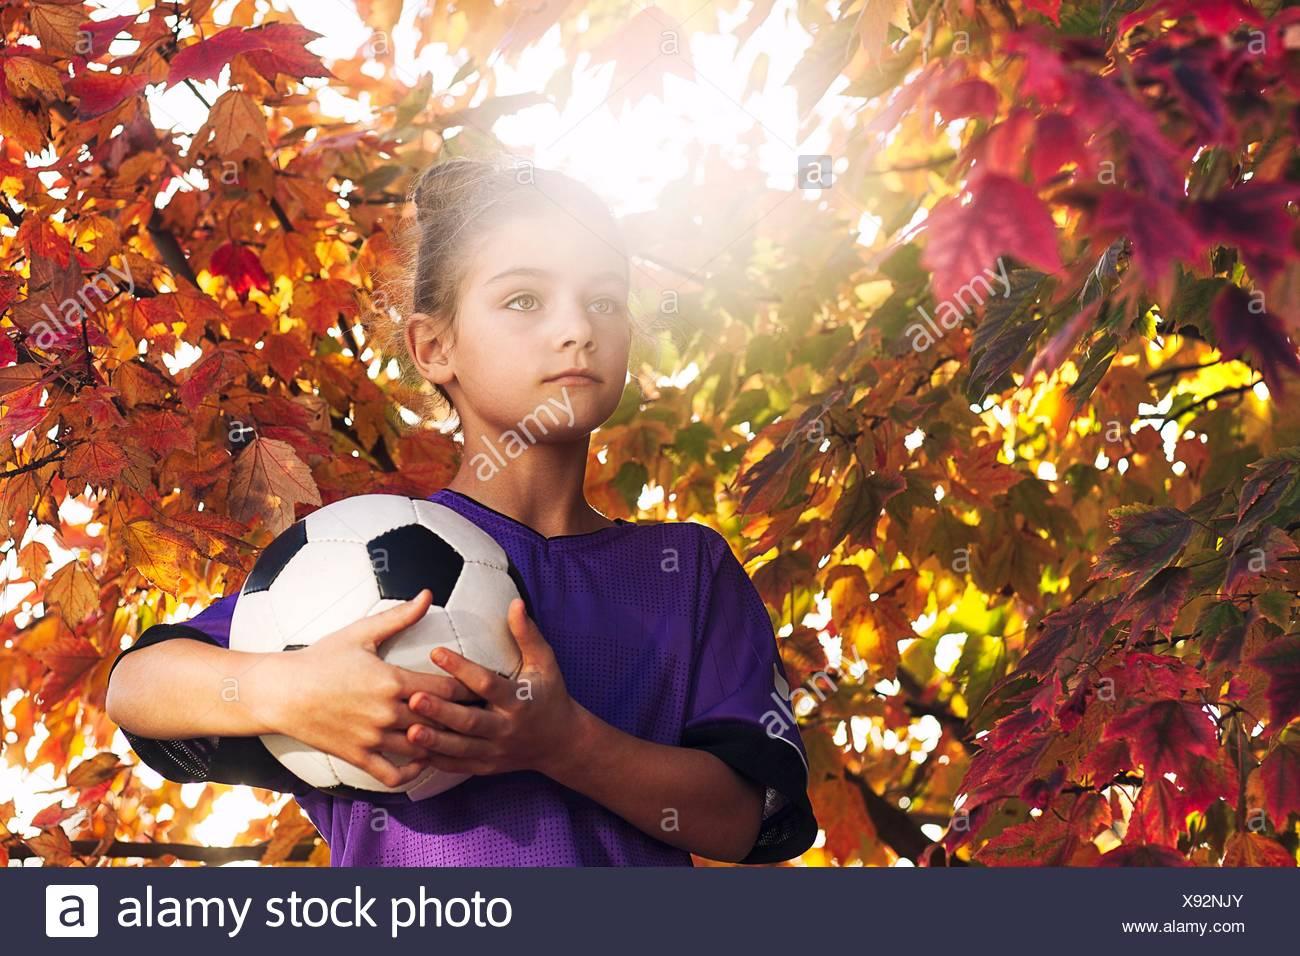 Les filles par arbre couvert de feuilles d'automne holding football looking away Photo Stock